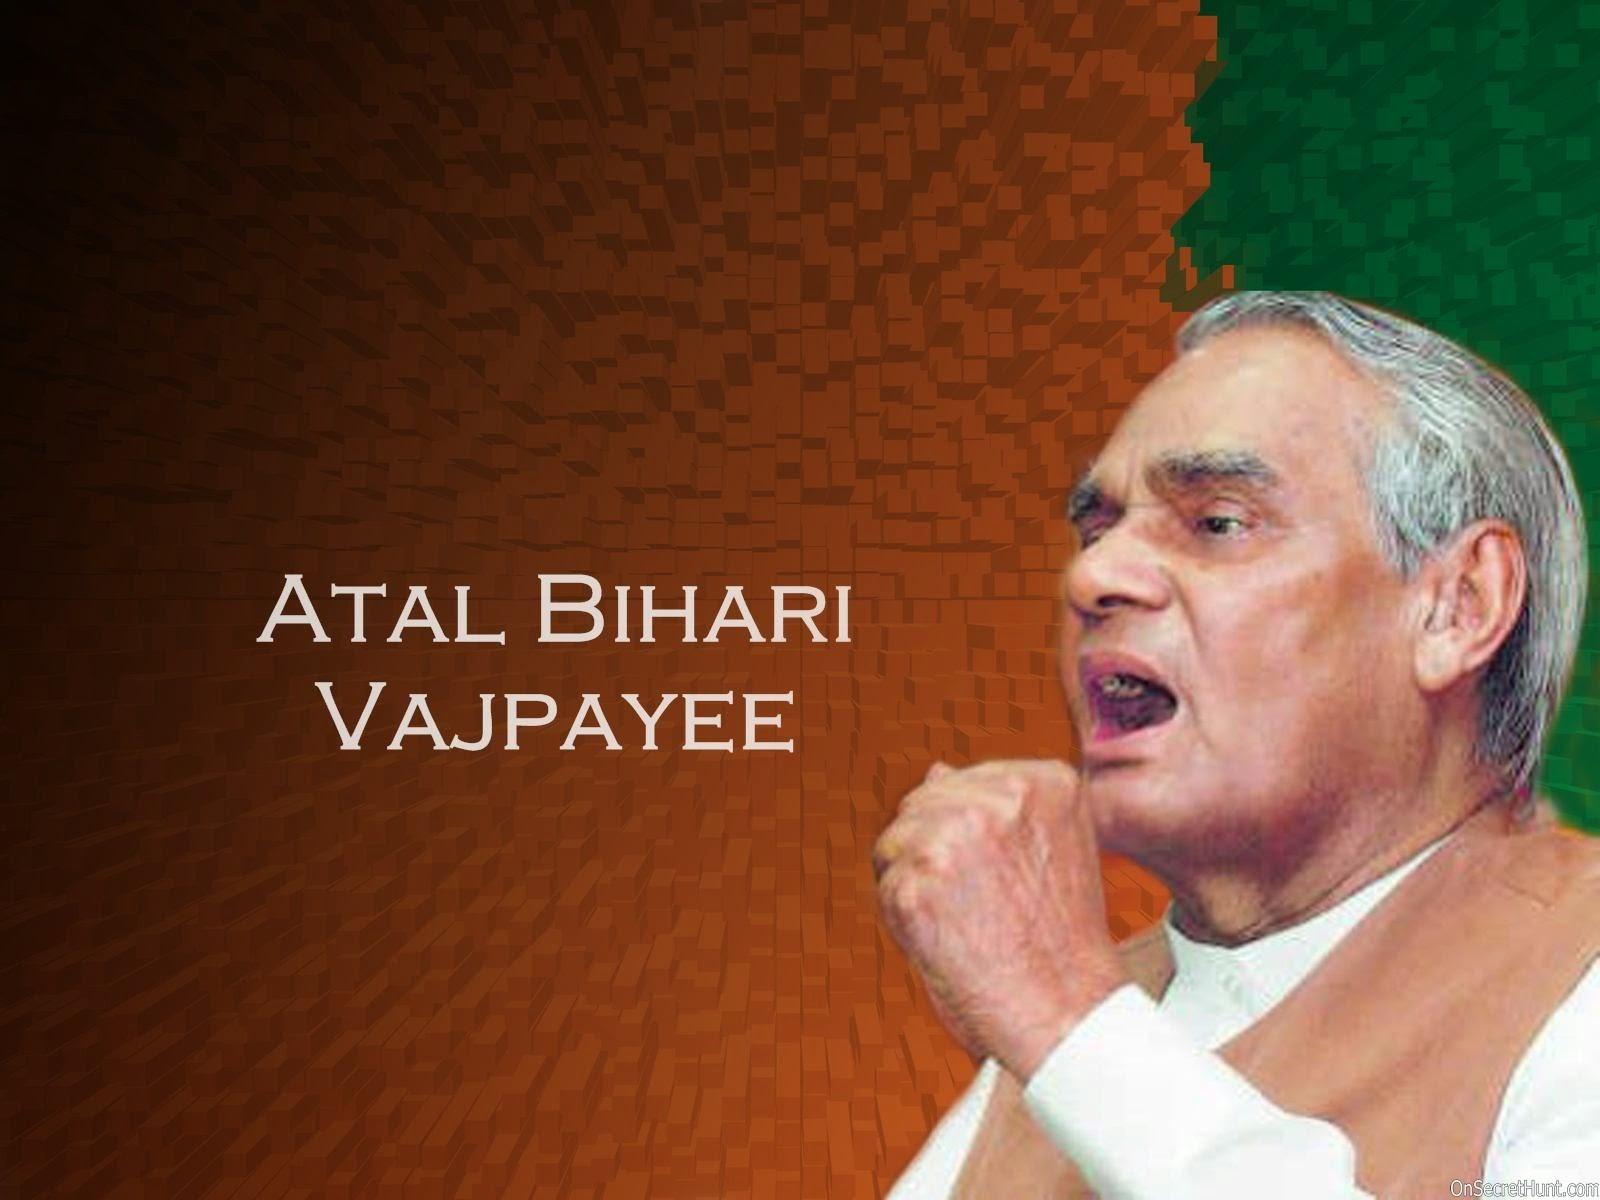 Maut se than gayee. by Atal Bihari Vajpayee